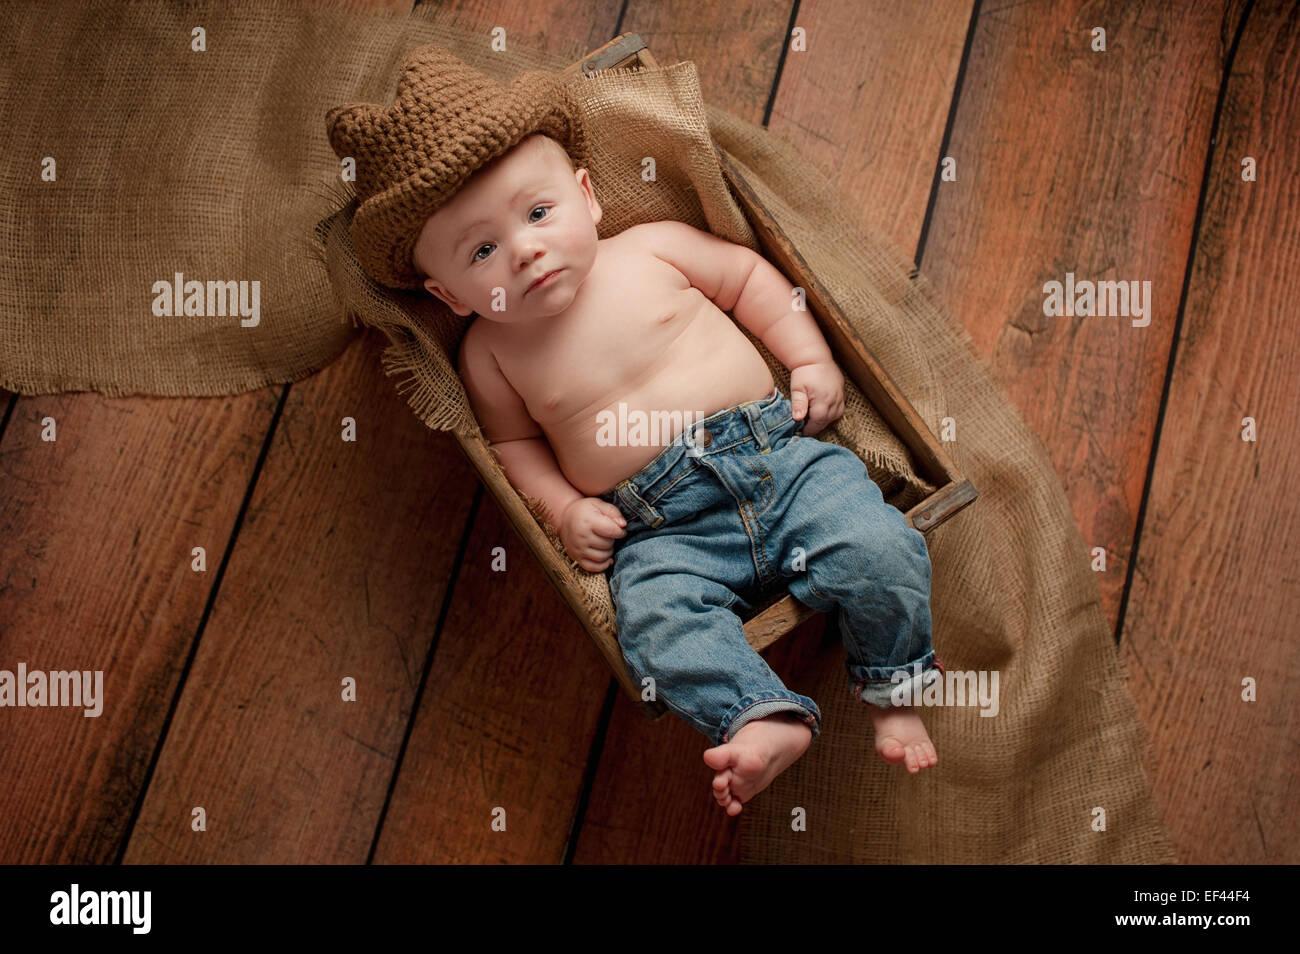 06c7daaa0 Un bebé de 4 meses niño usando un sombrero de vaquero de ganchillo. Él está  mintiendo en una caja de madera forrada con arpillera. Filmado en el estudio